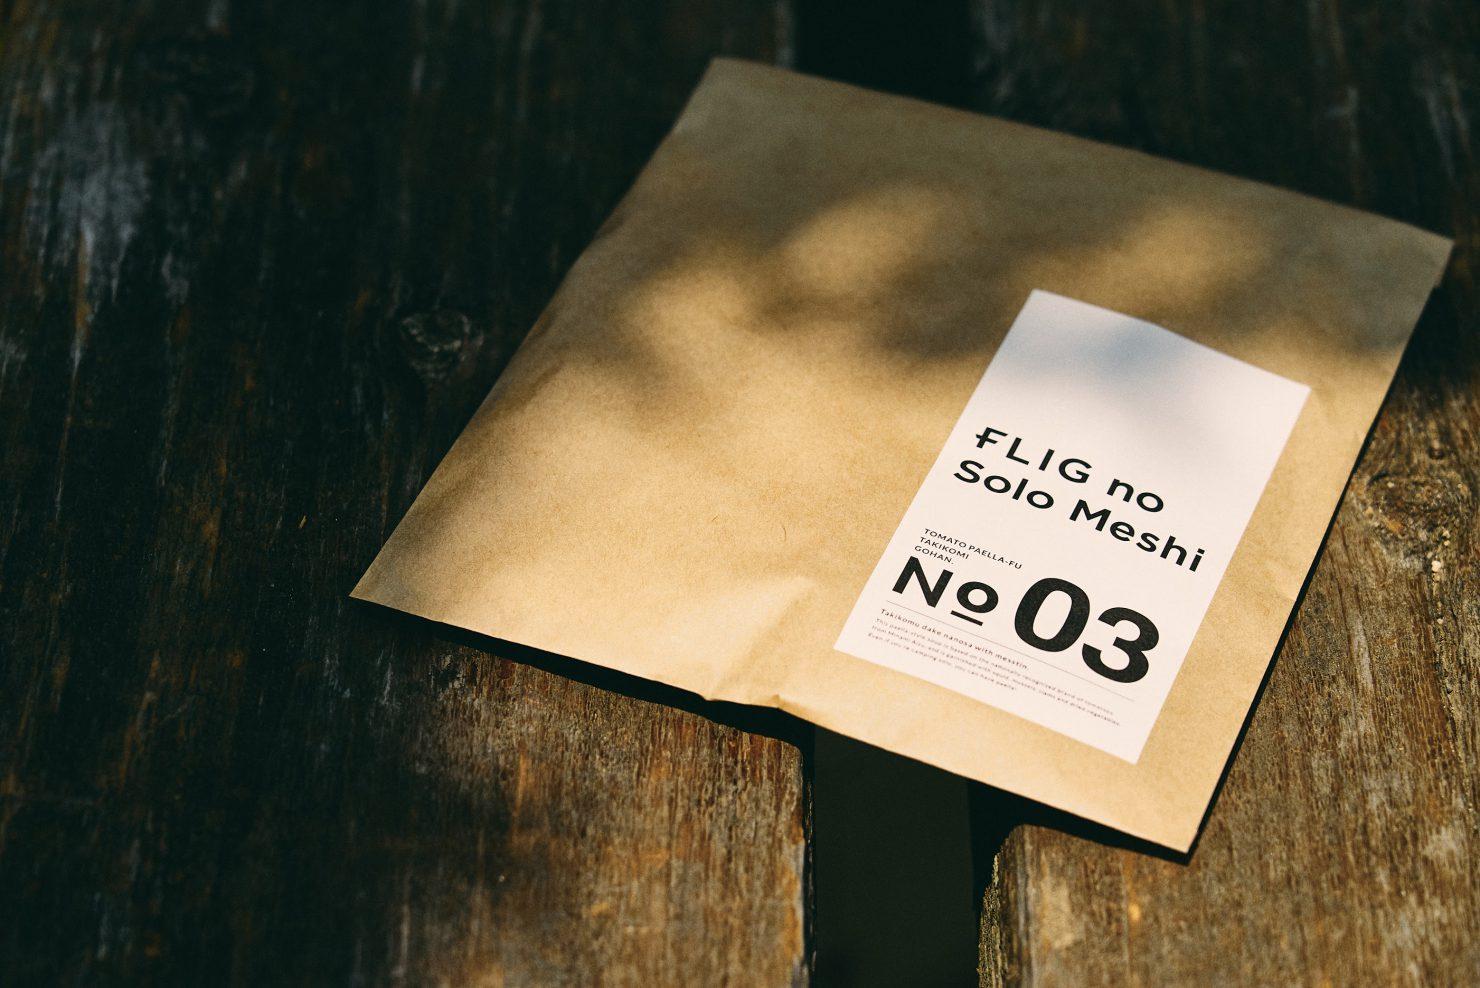 福島県郡山市のデザイン会社ワイアードブレインズのパッケージデザイン事例3